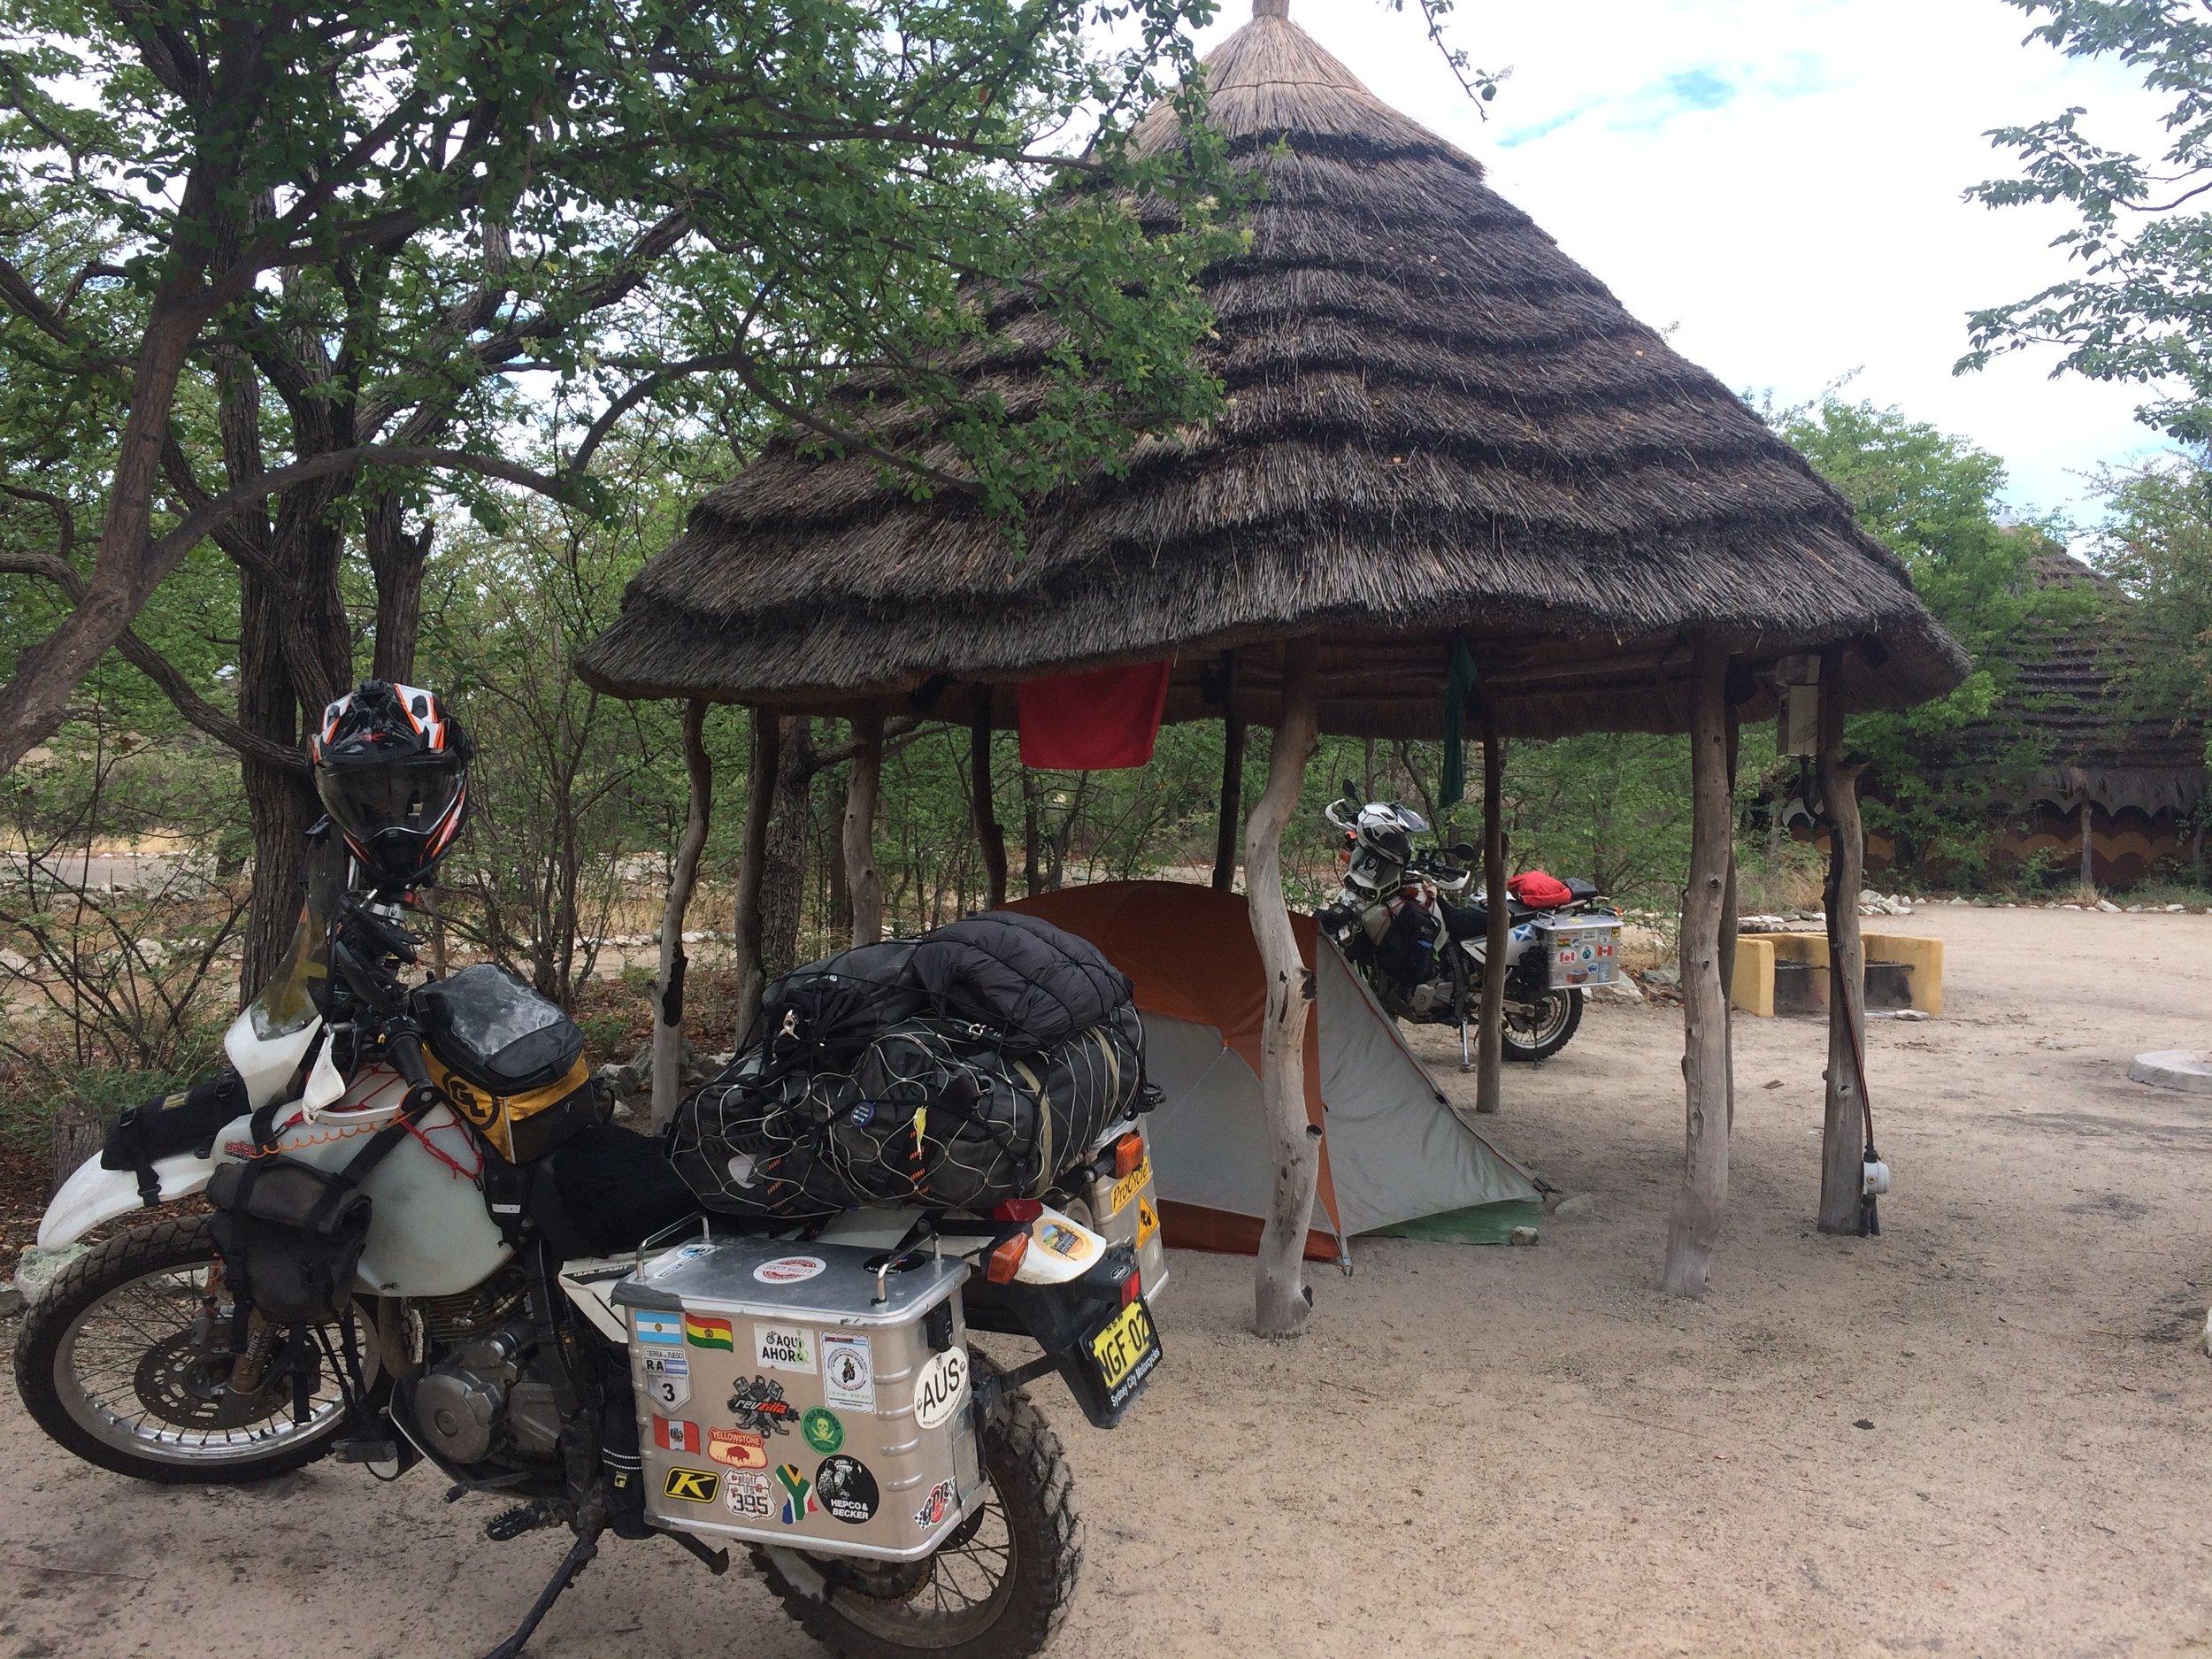 Camping at Plant Baobab